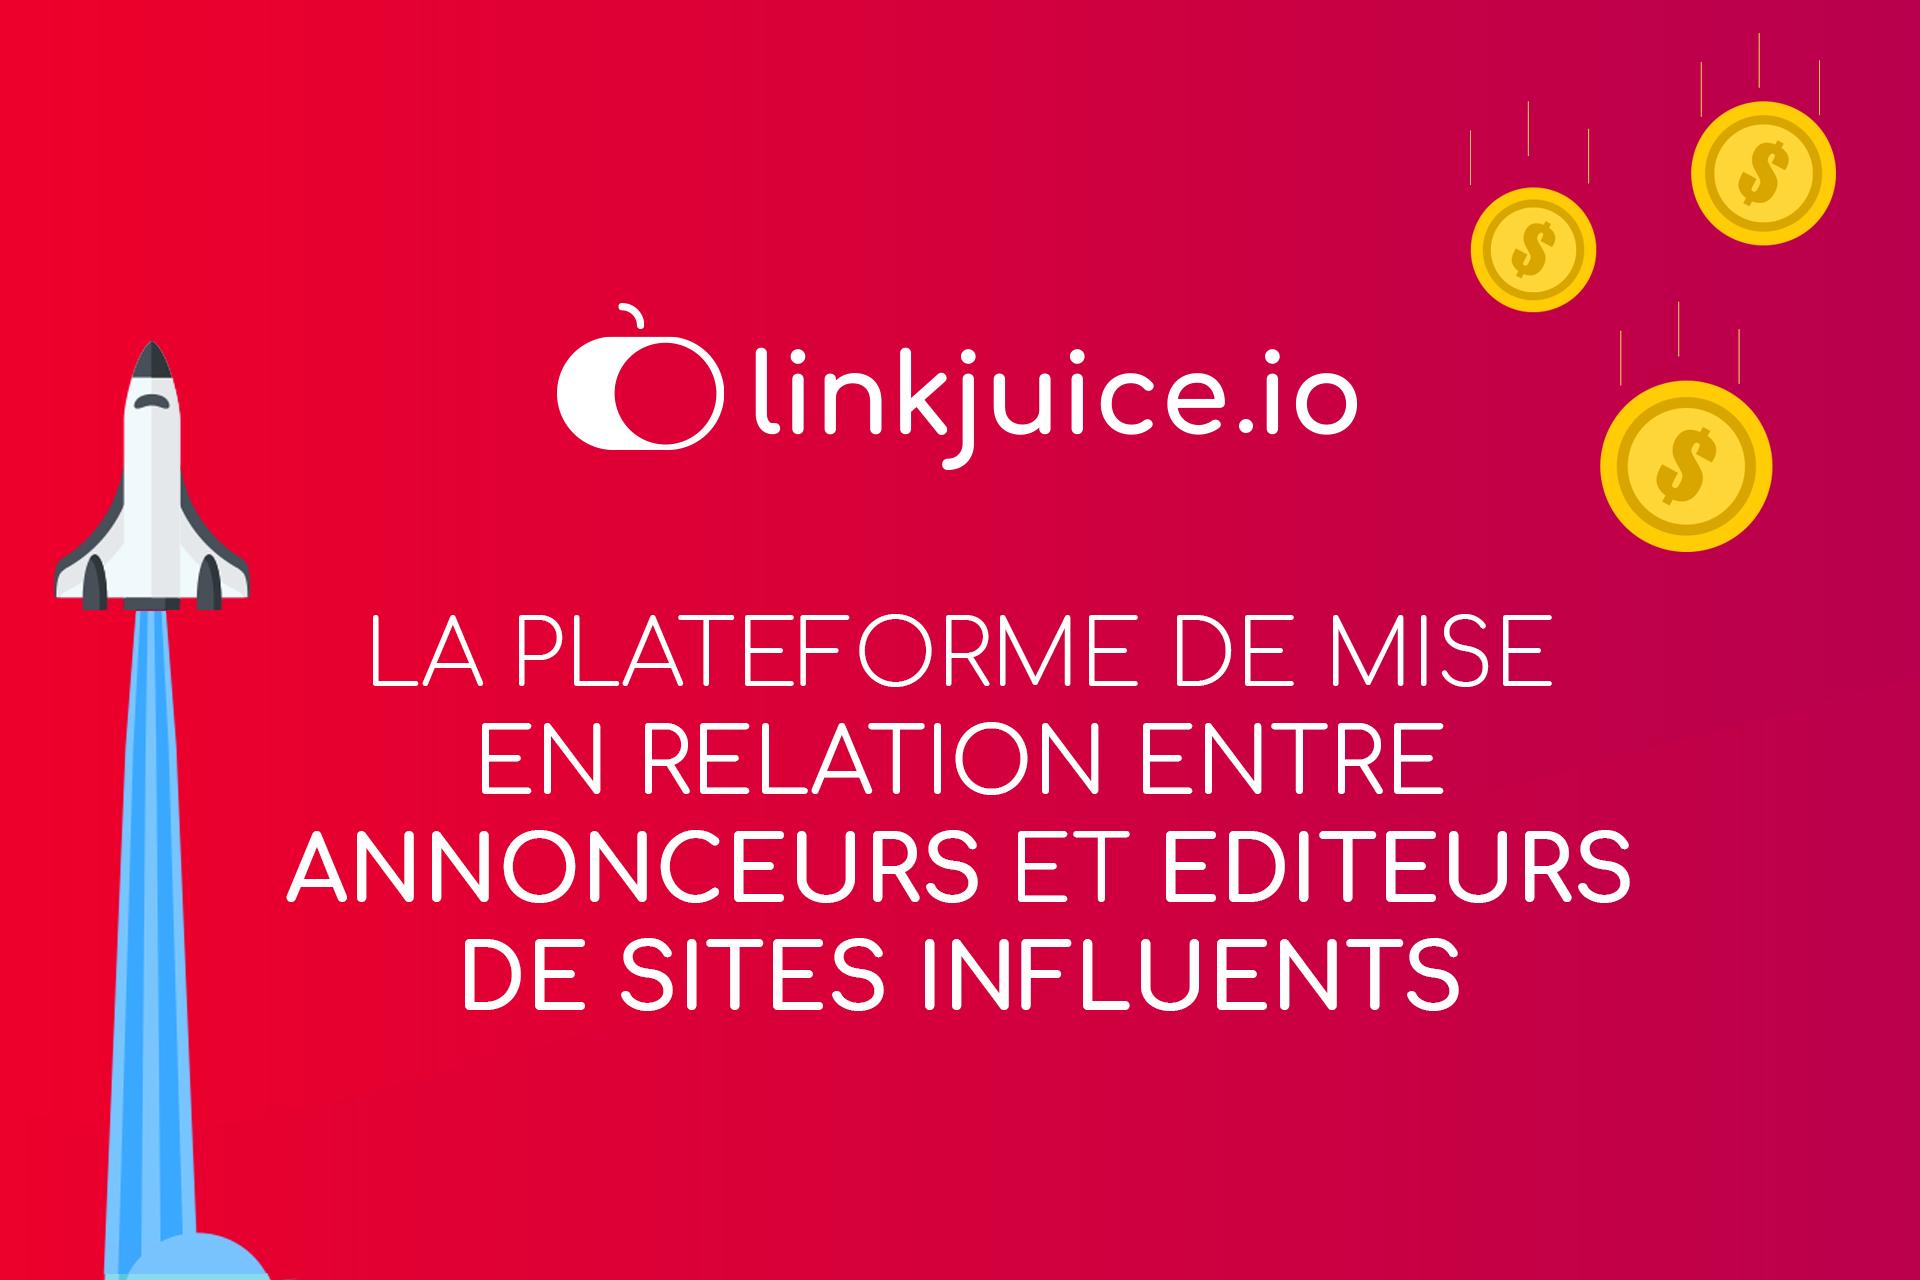 Avec LinkJuice.io, annonceurs et sites influents trouvent leur bonheur grâce aux articles sponsorisés!